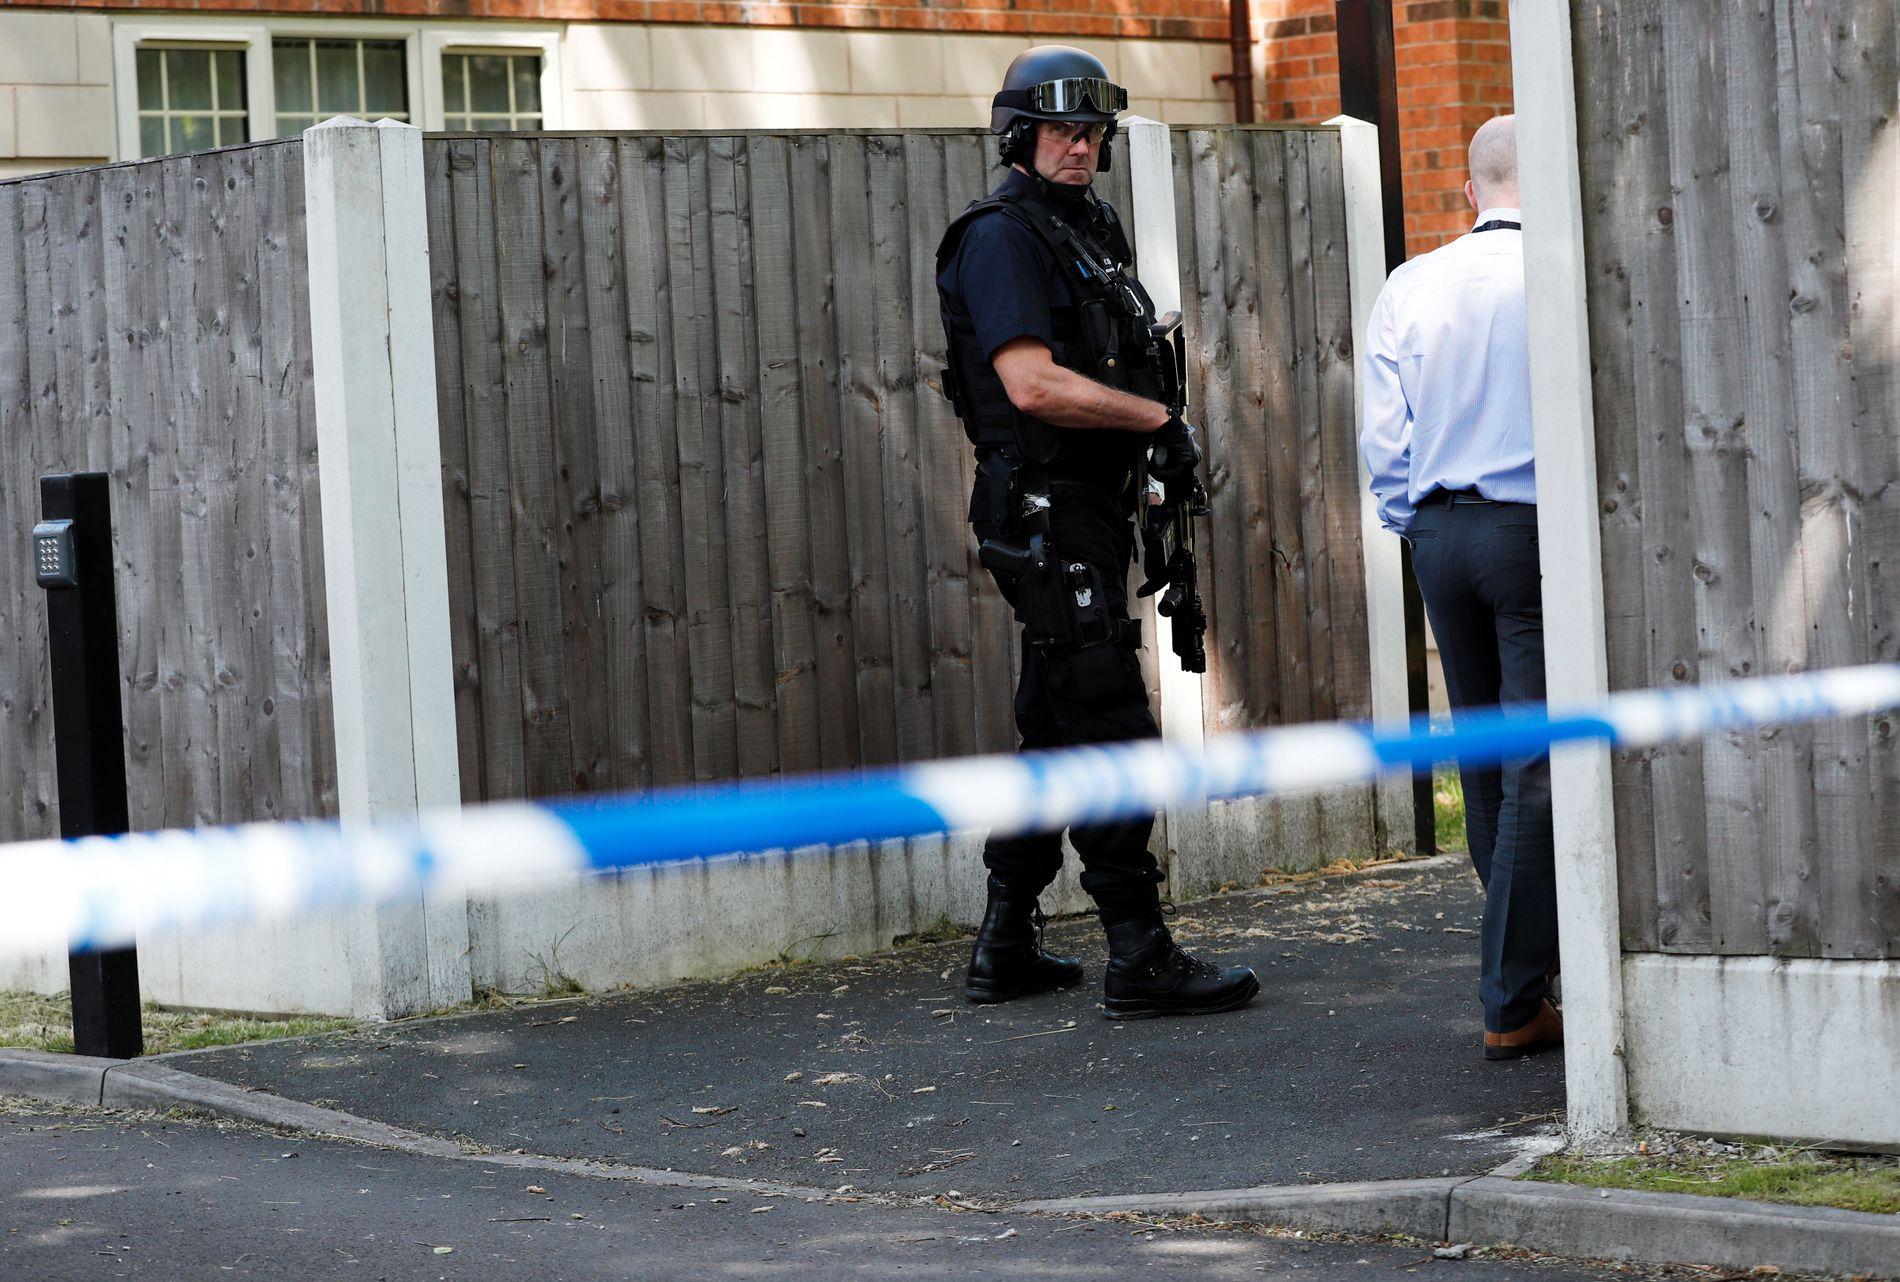 POLITIAKSJON: Politiet er her utenfor huset hvor de har aksjonert.